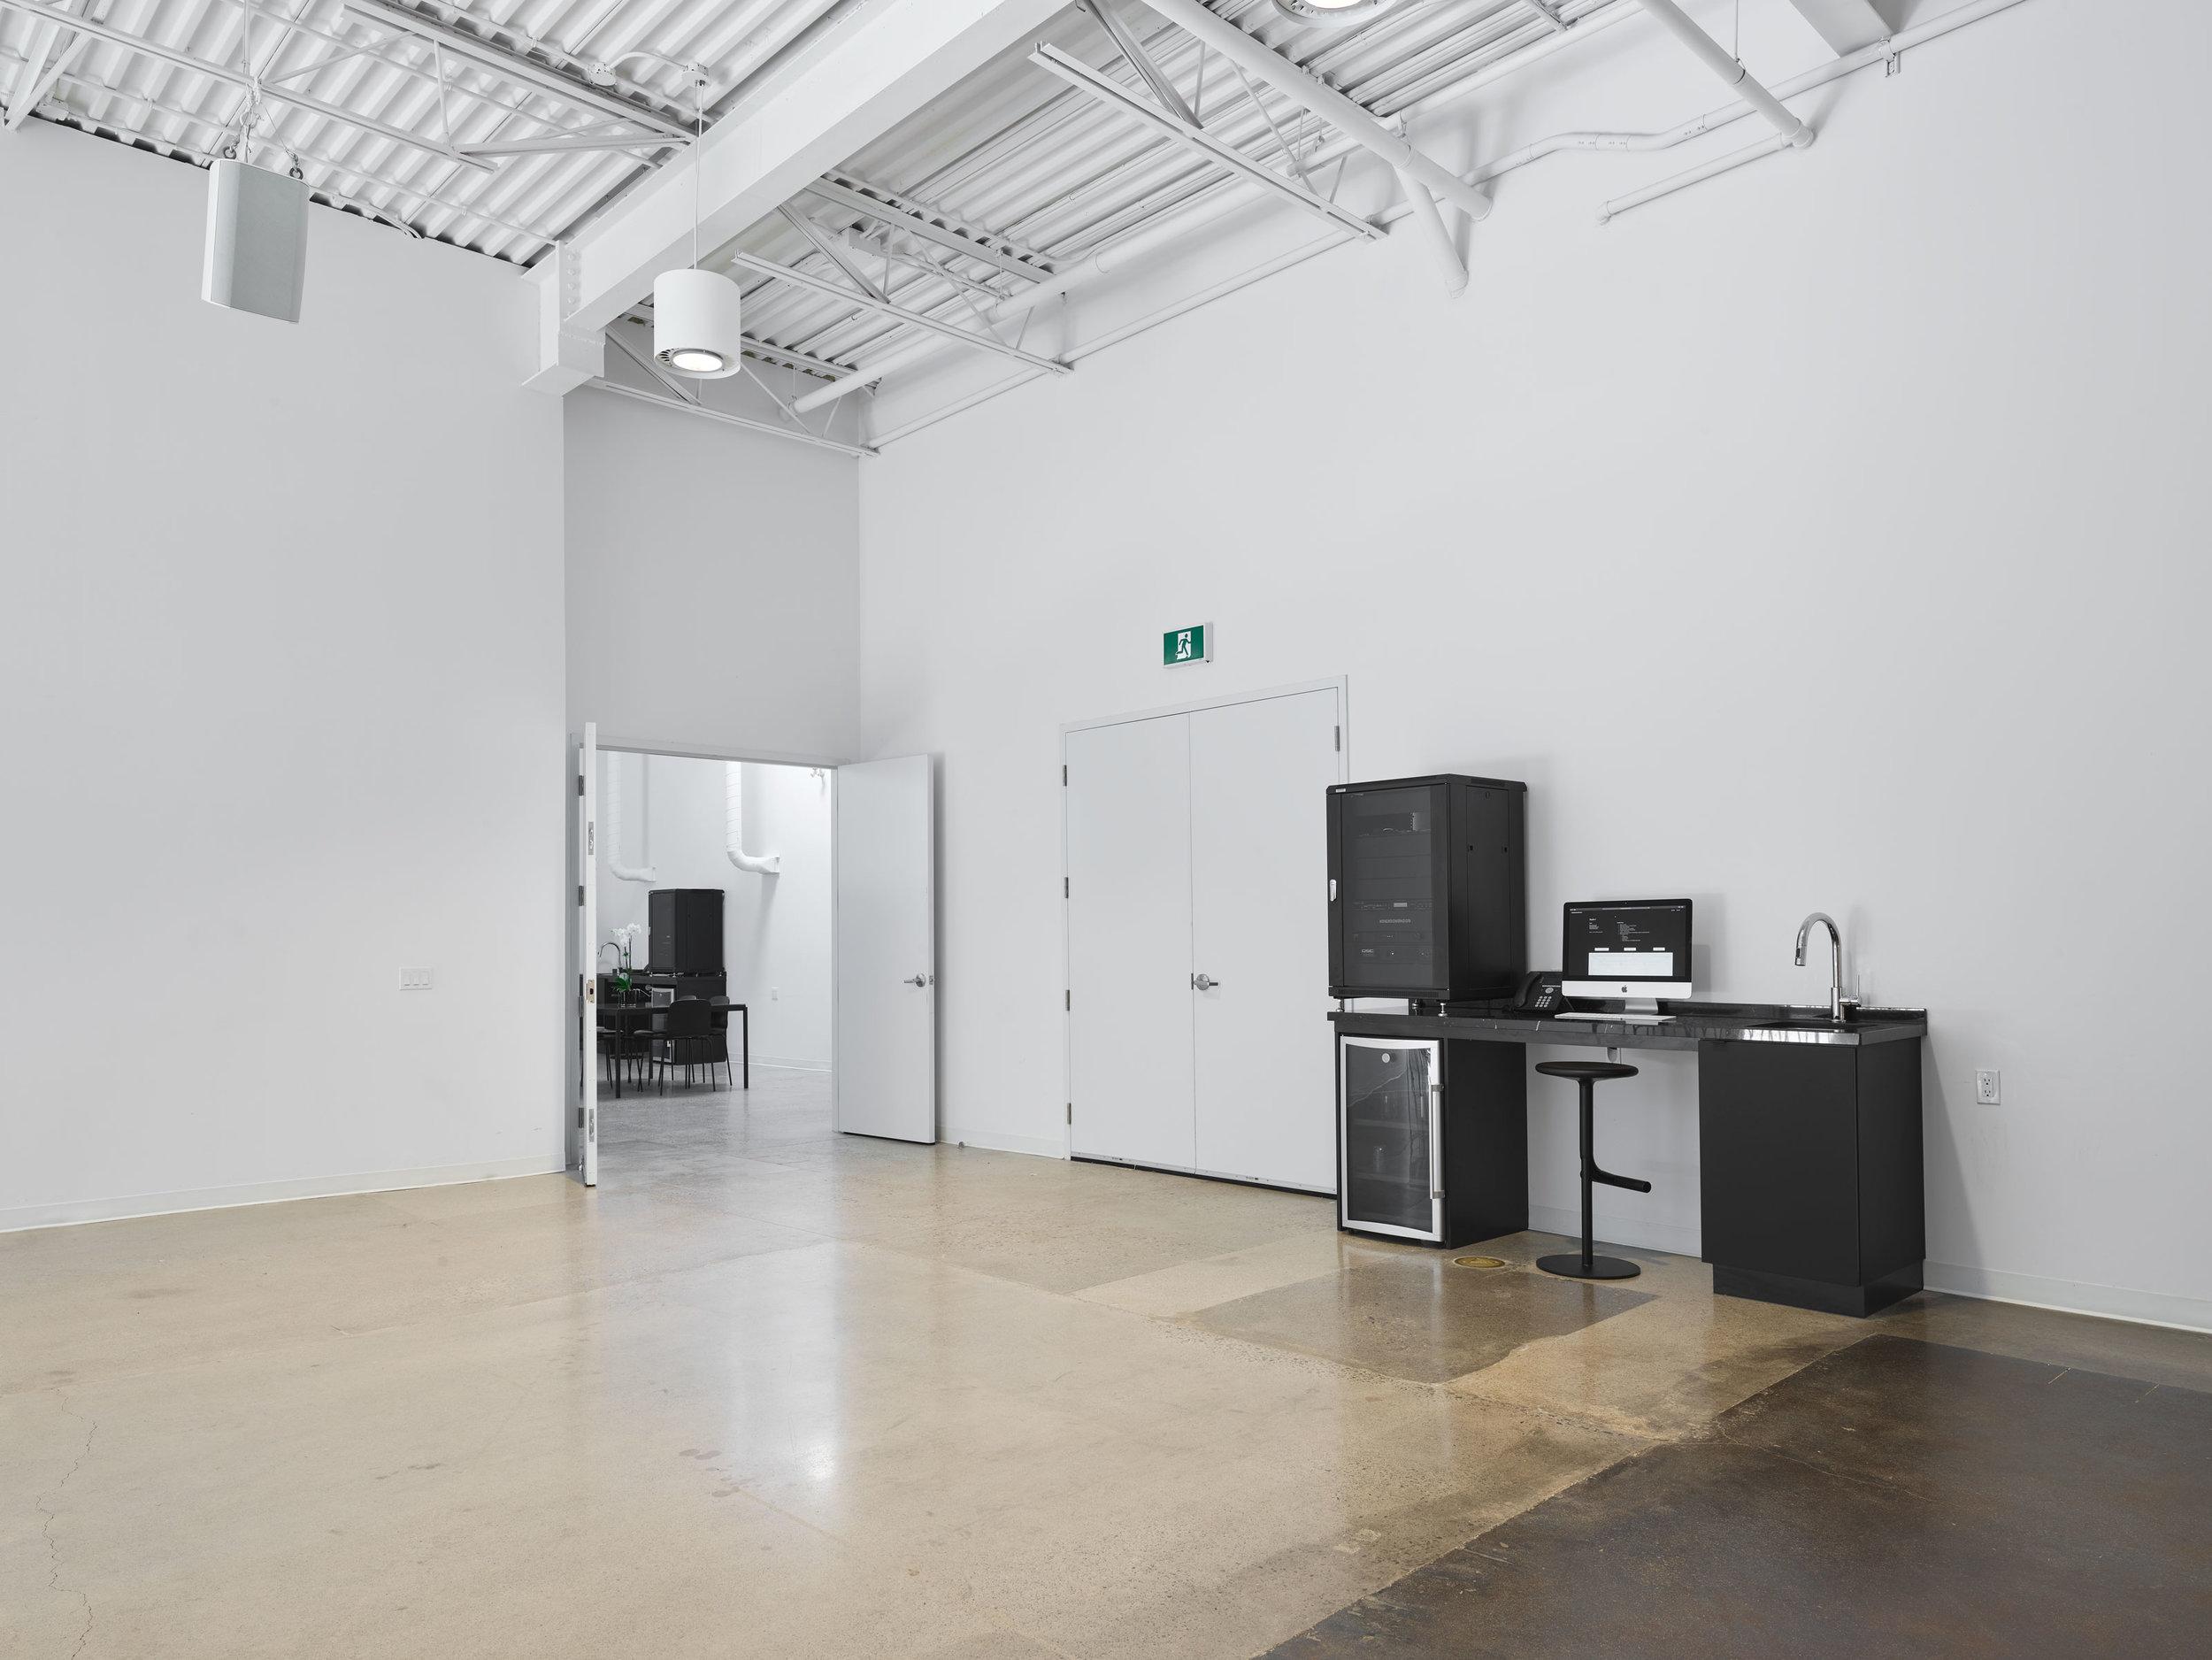 Studio 1 and 2 Doors